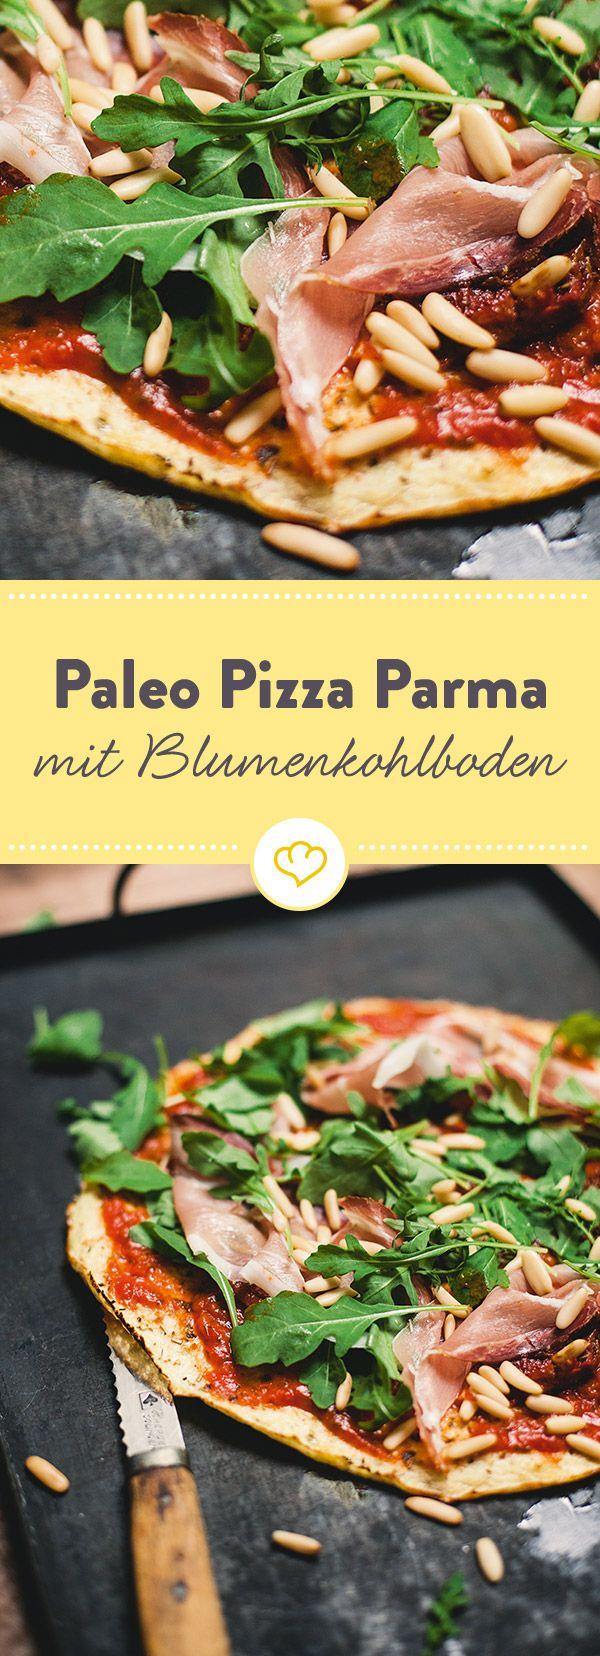 Pizza mal anders: Low Carb und Paleo kommt diese Pizza mit schnell gemachtem Blumenkohlboden daher. Schinken und Rucola machen sie rund.